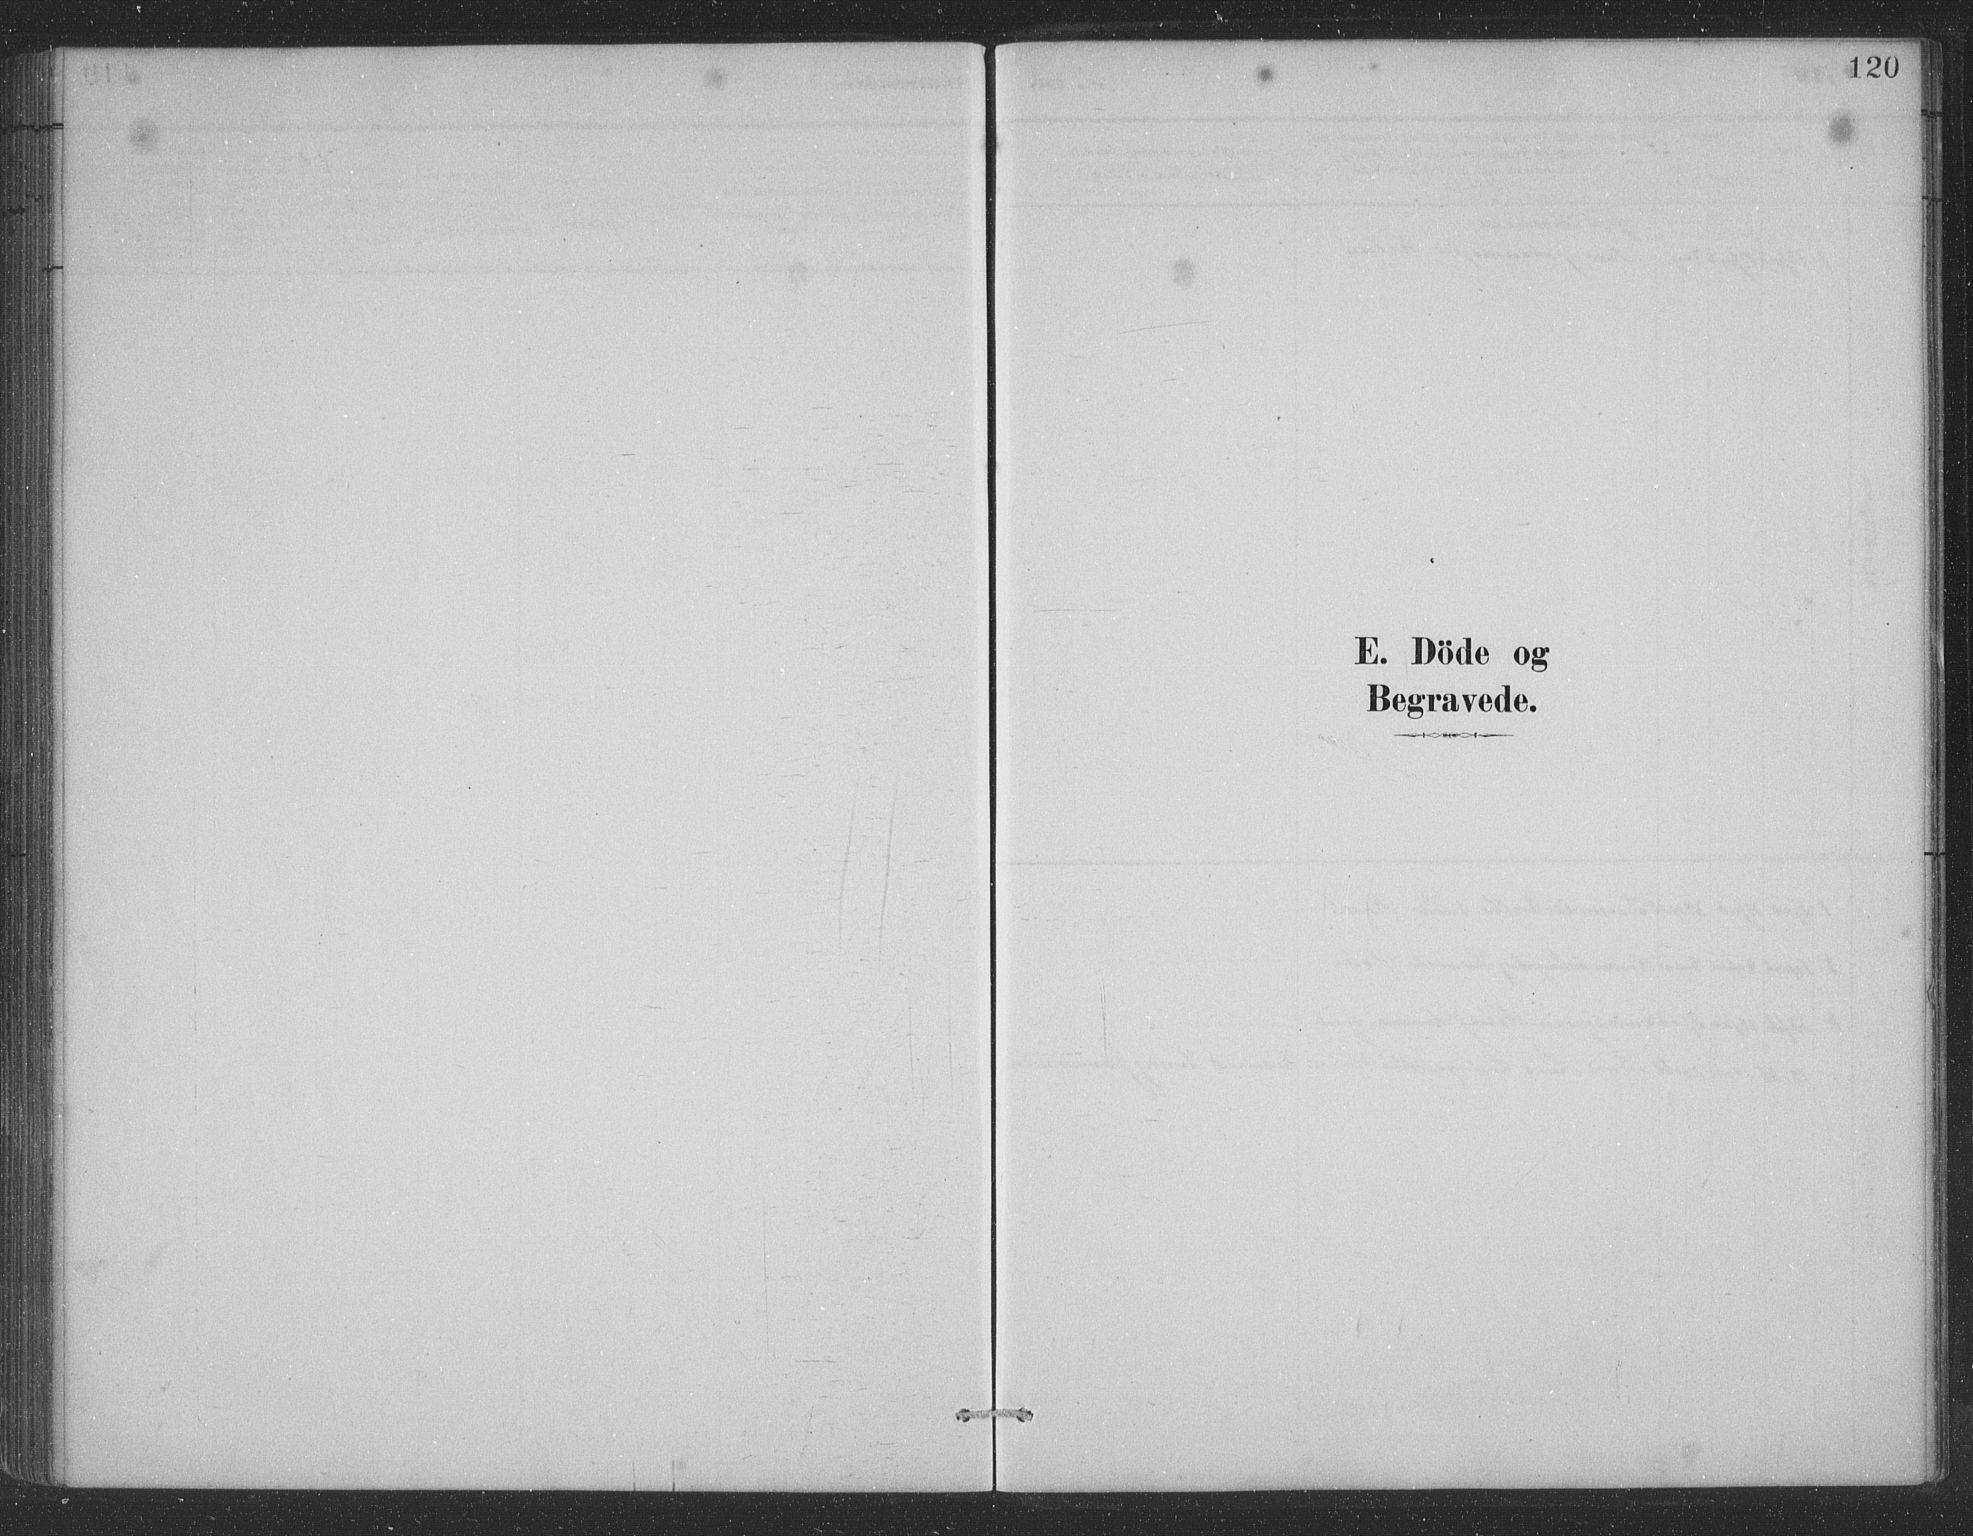 SAB, Førde Sokneprestembete, H/Hab: Klokkerbok nr. C 2, 1881-1911, s. 120